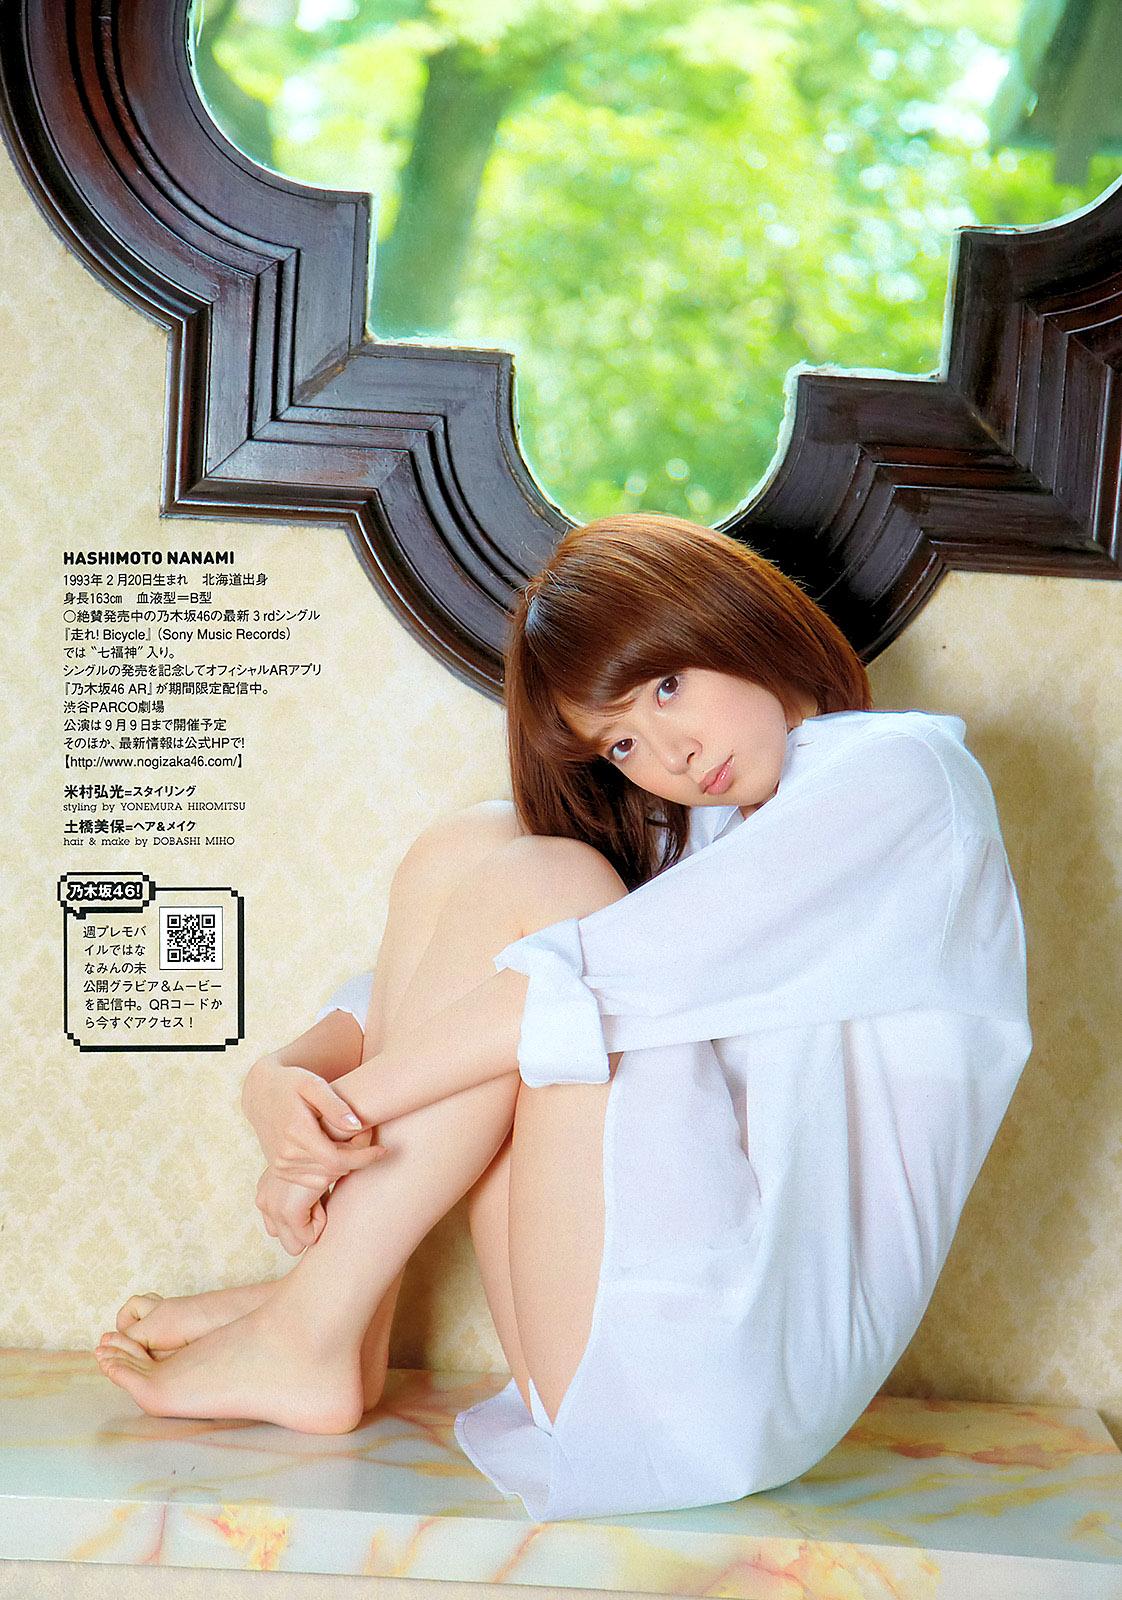 NHashimoto WPB 120917 04.jpg